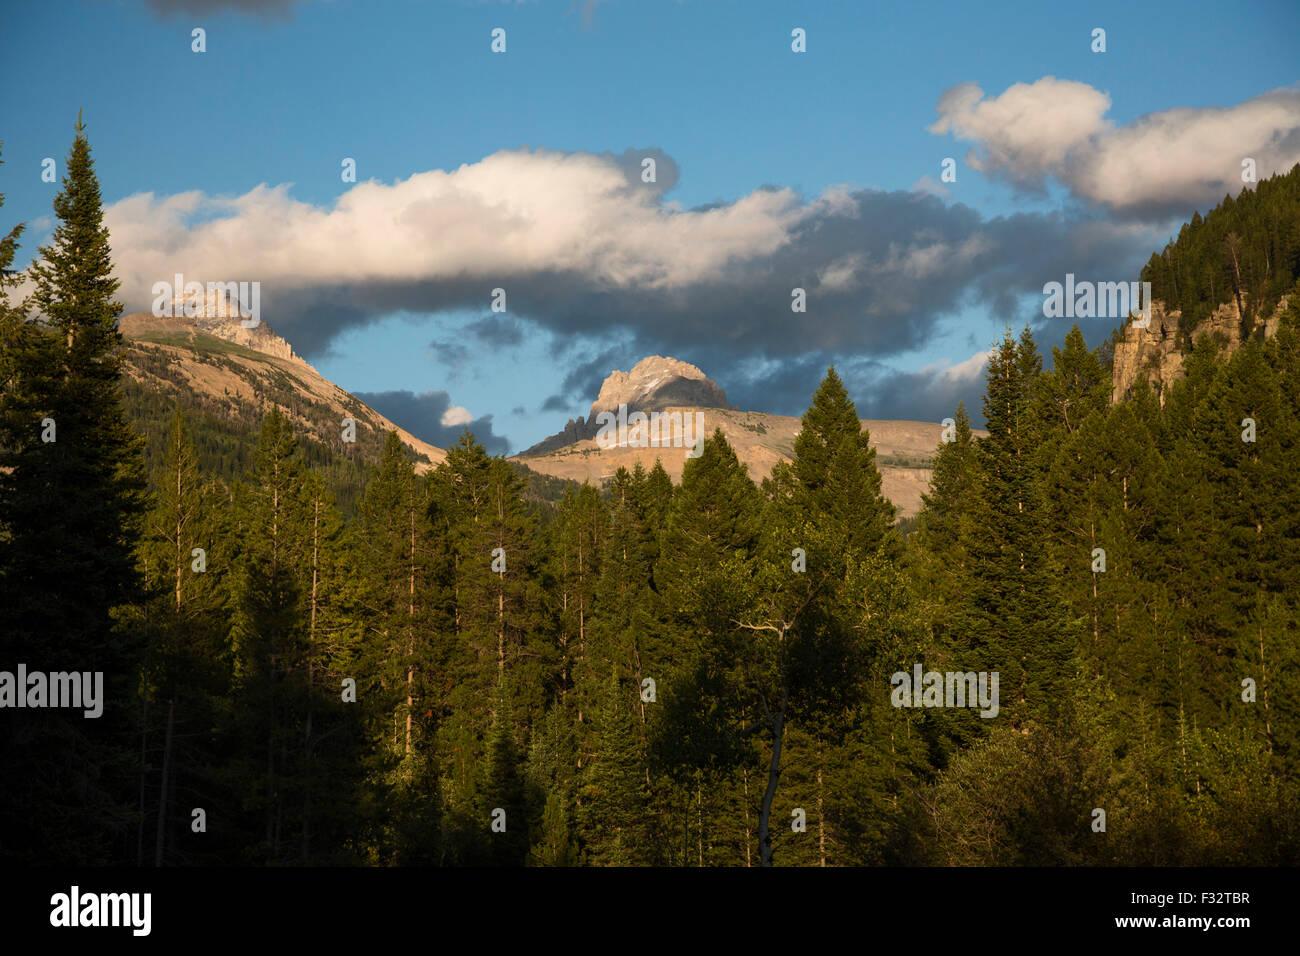 Driggs, Idaho - The Jedediah Smith Wilderness and the Teton mountain range. - Stock Image